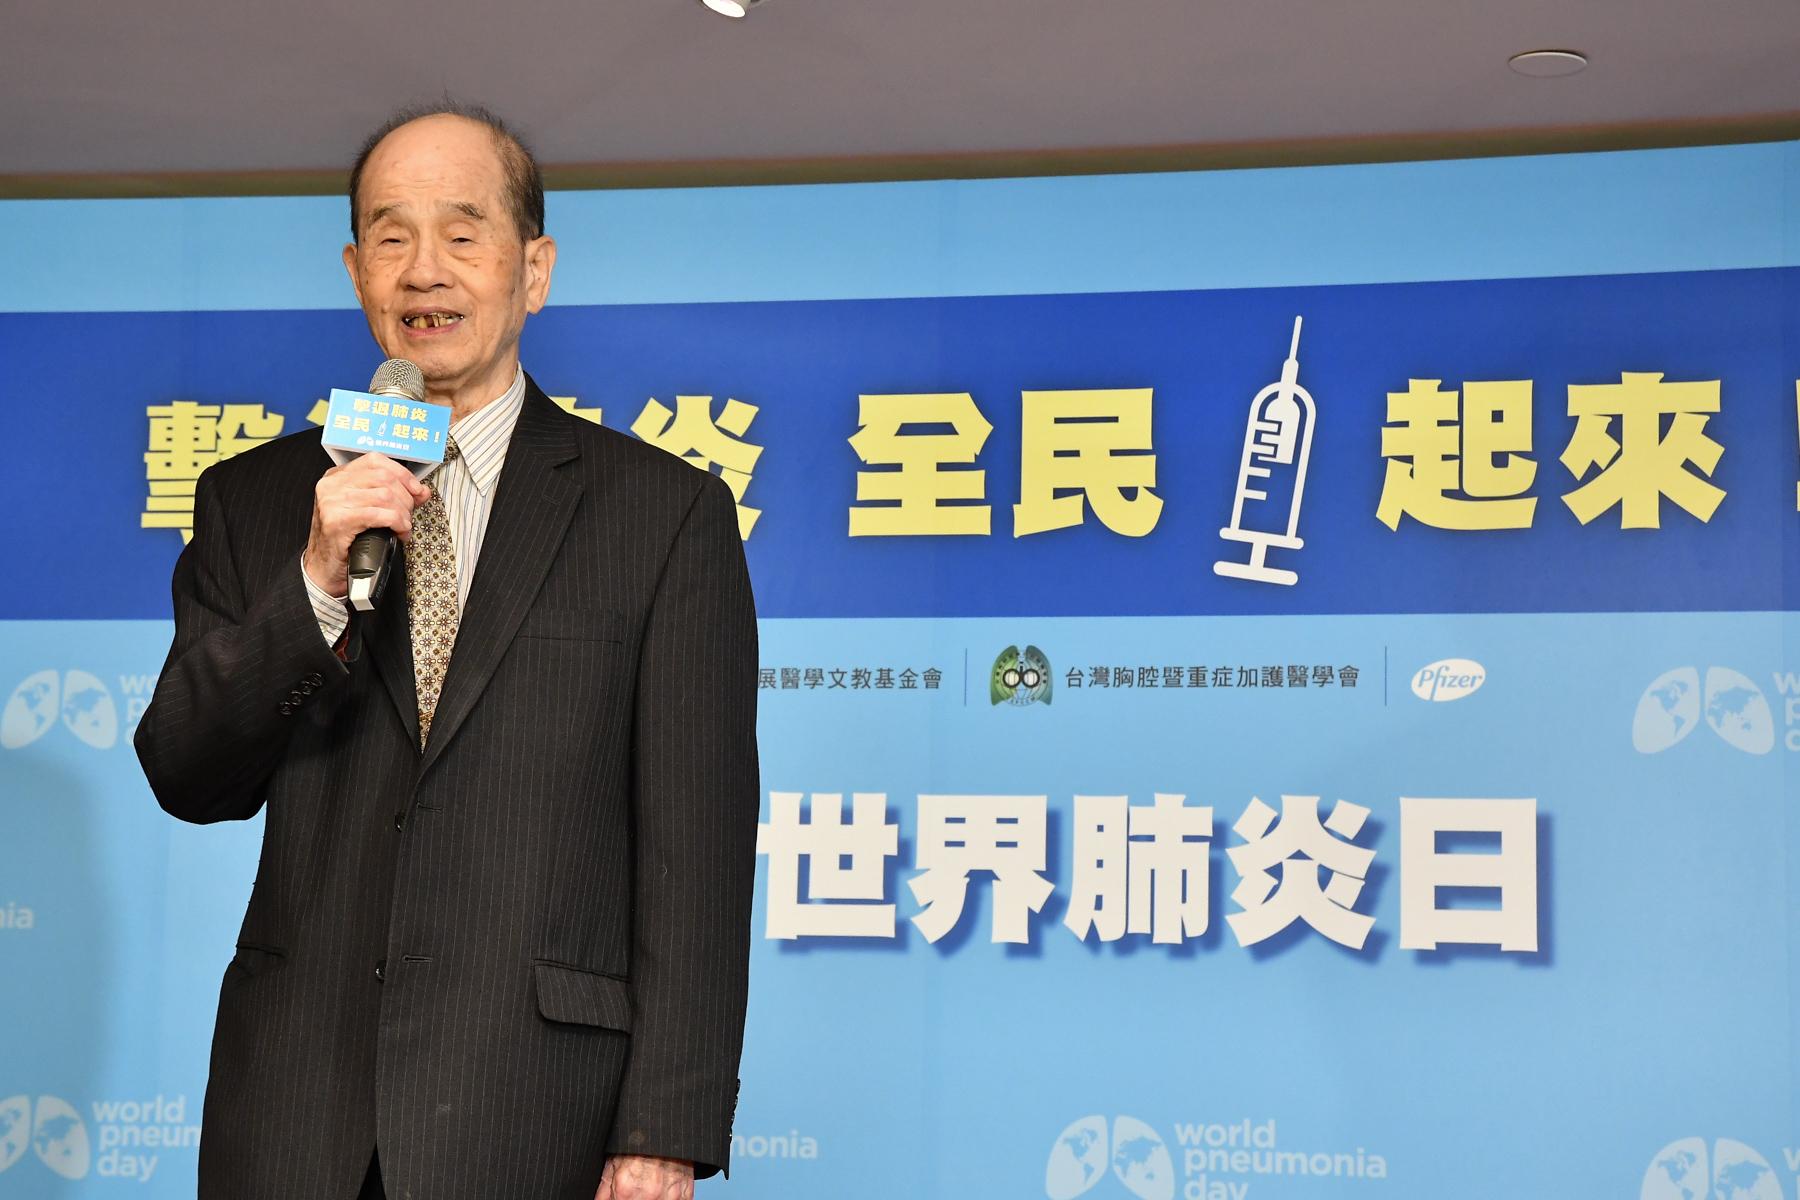 李慶雲兒童感染暨疫苗發展醫學文教基金會董事長李慶雲教授強調肺炎預防很重要!